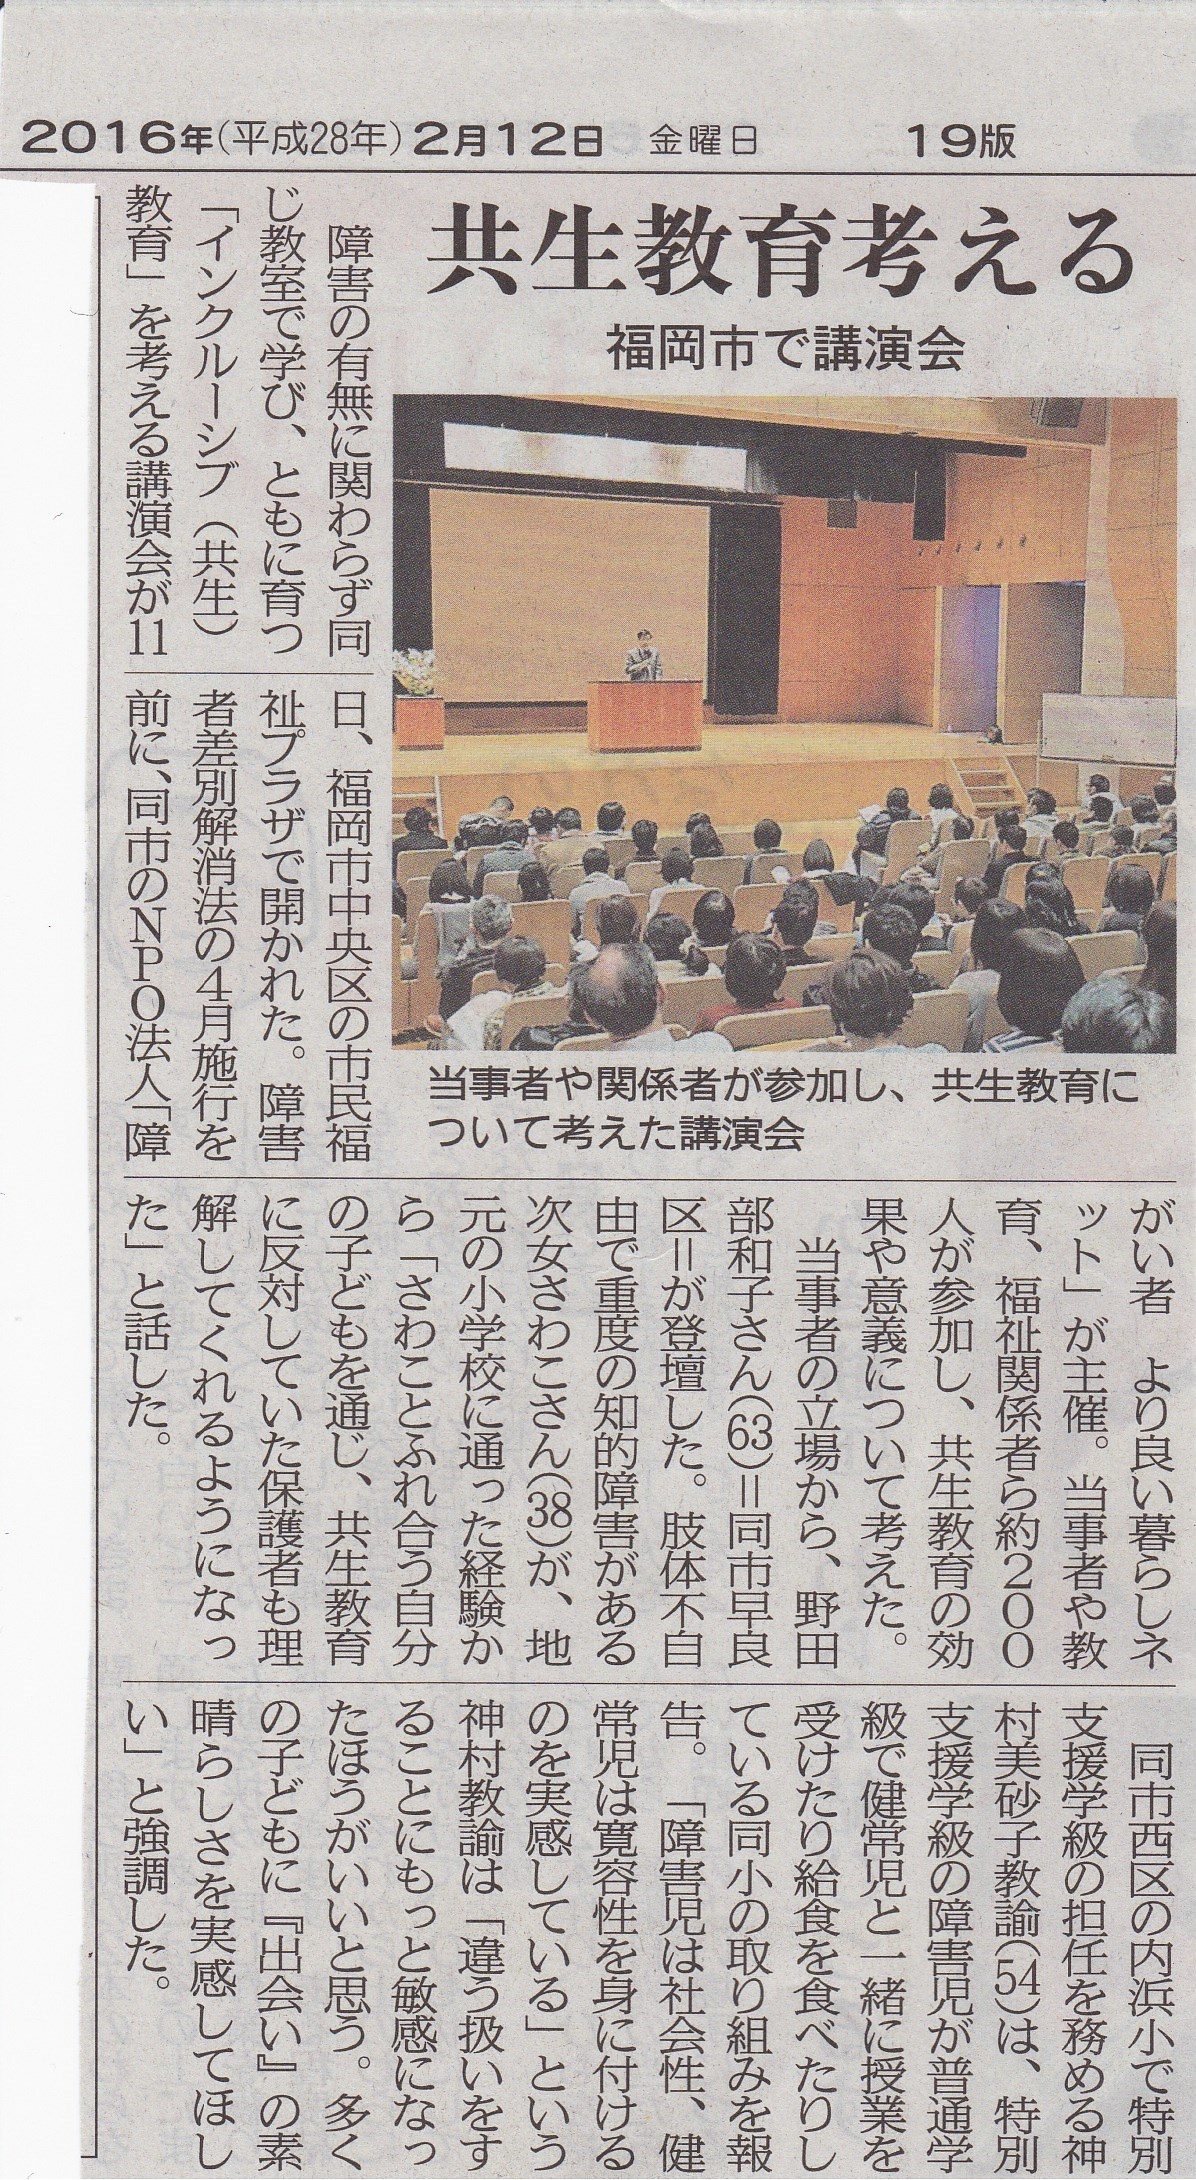 2月11日インクルーシブ教育講演会第1回アンケート集計